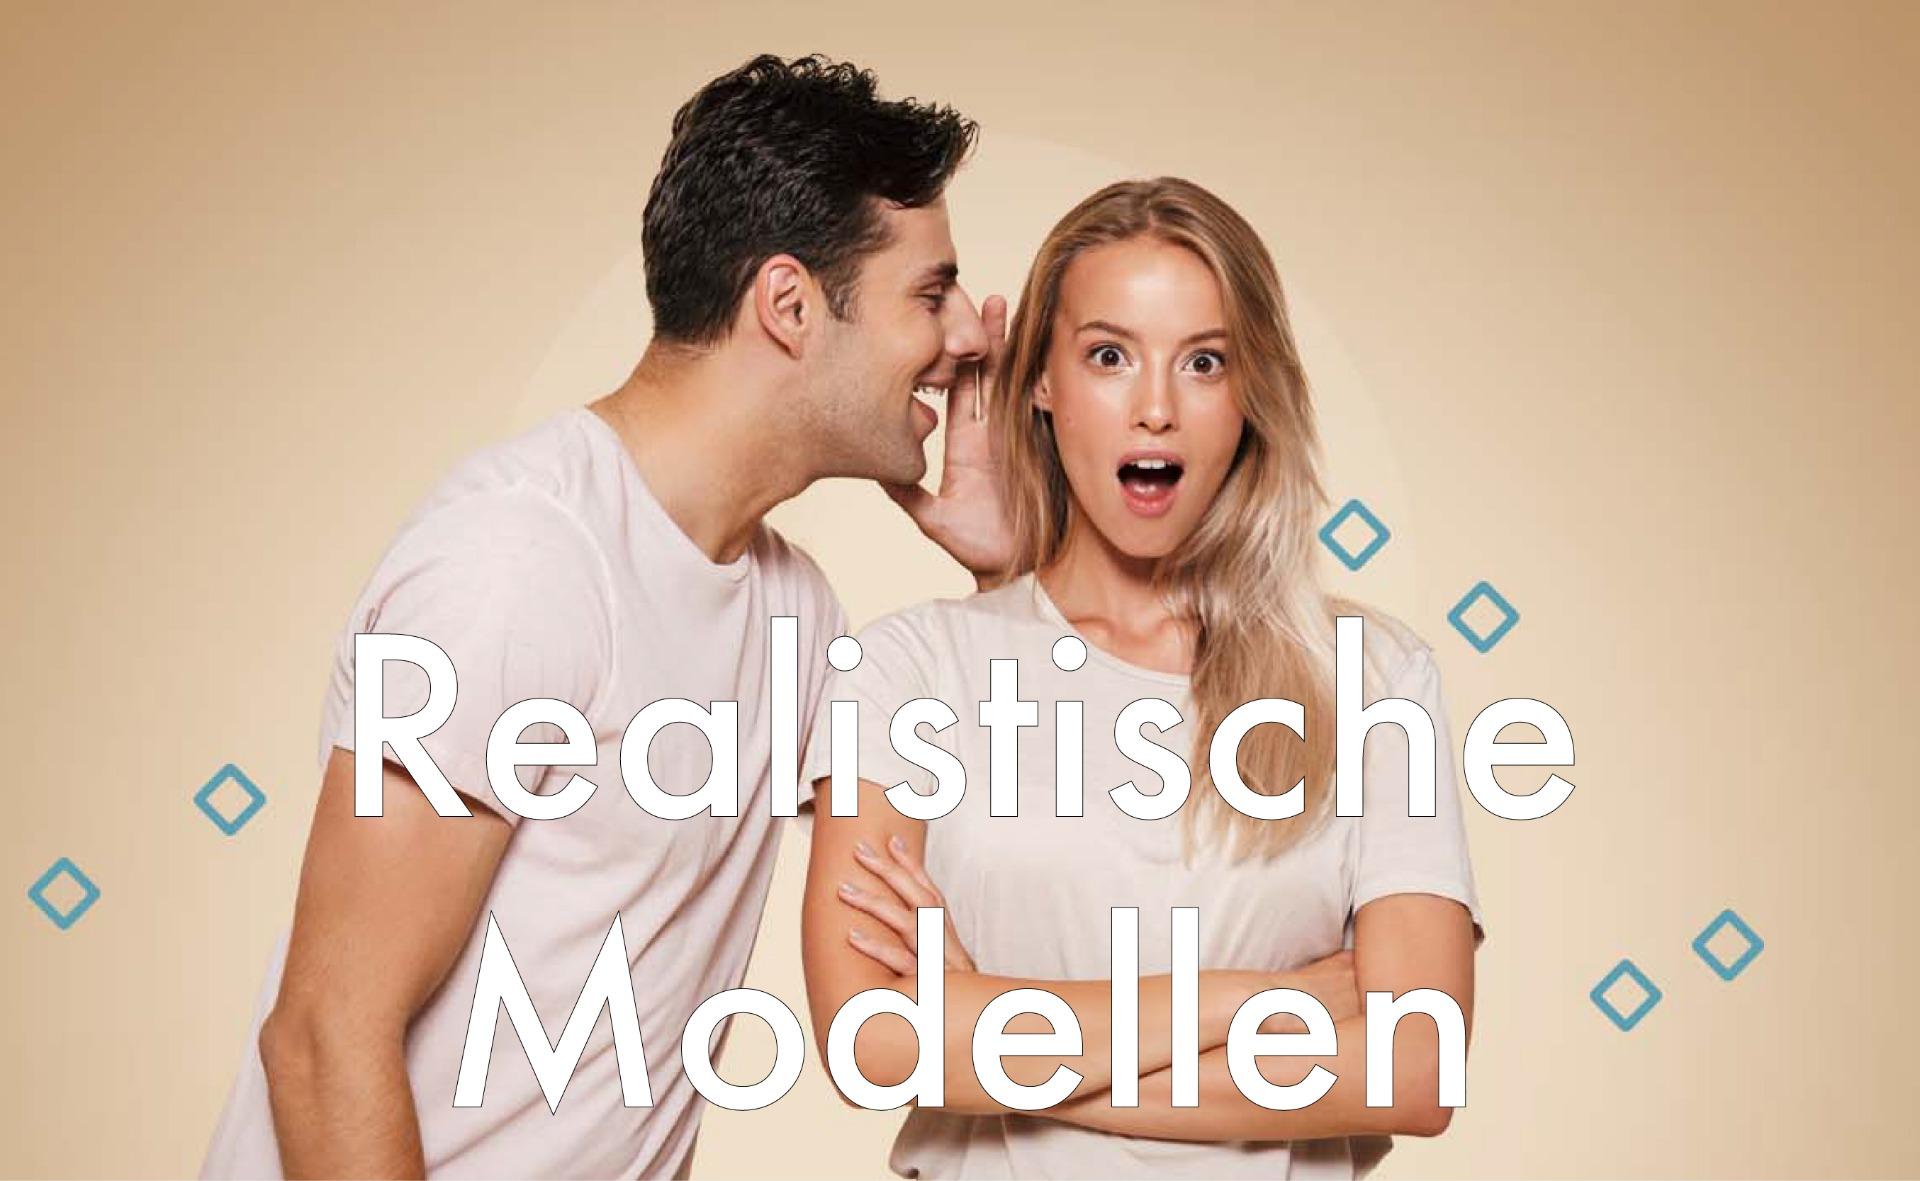 Realistische modellen dildo